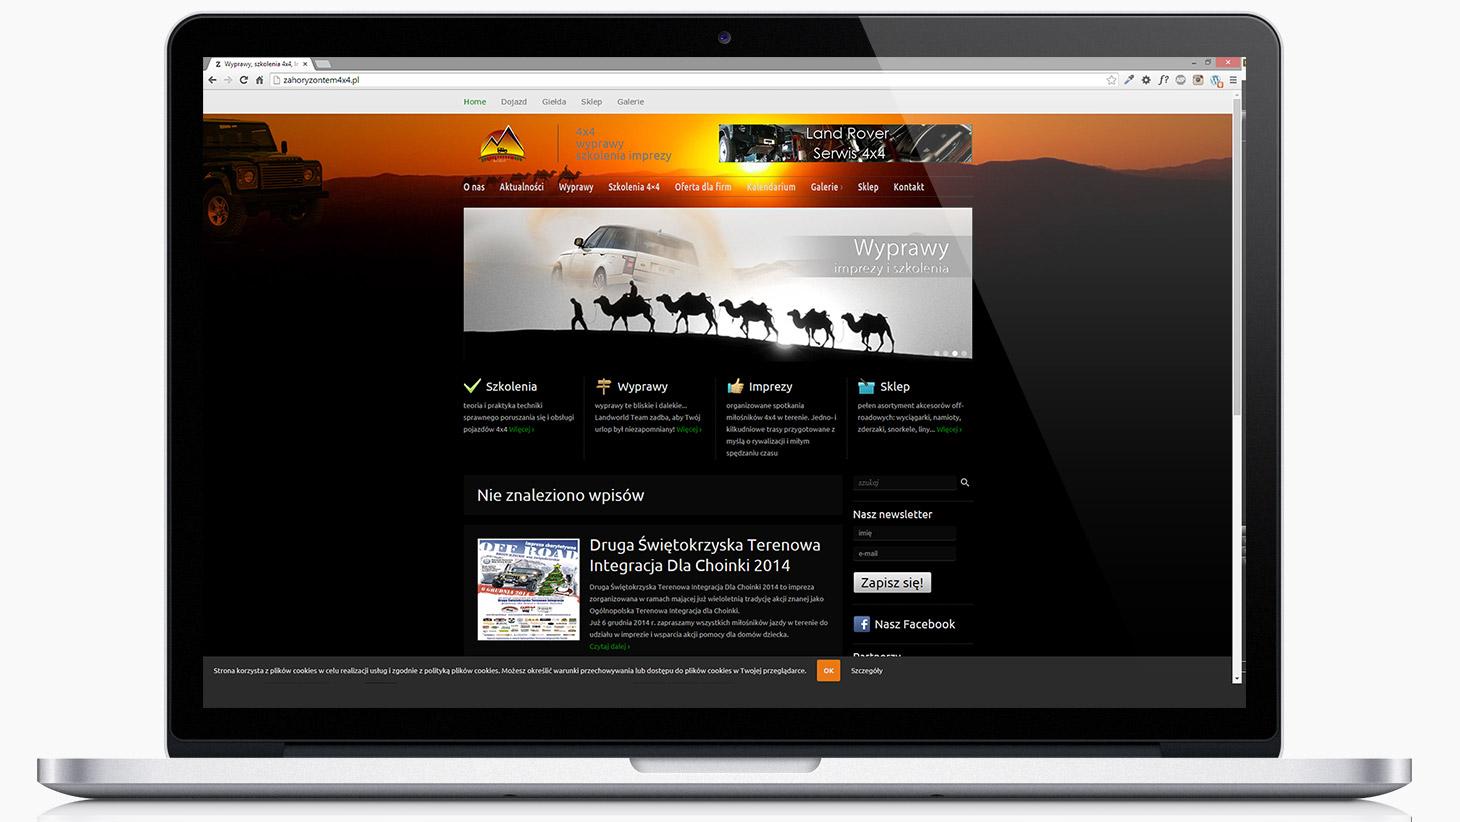 strona www za horyzontem 4x4 | tomeson